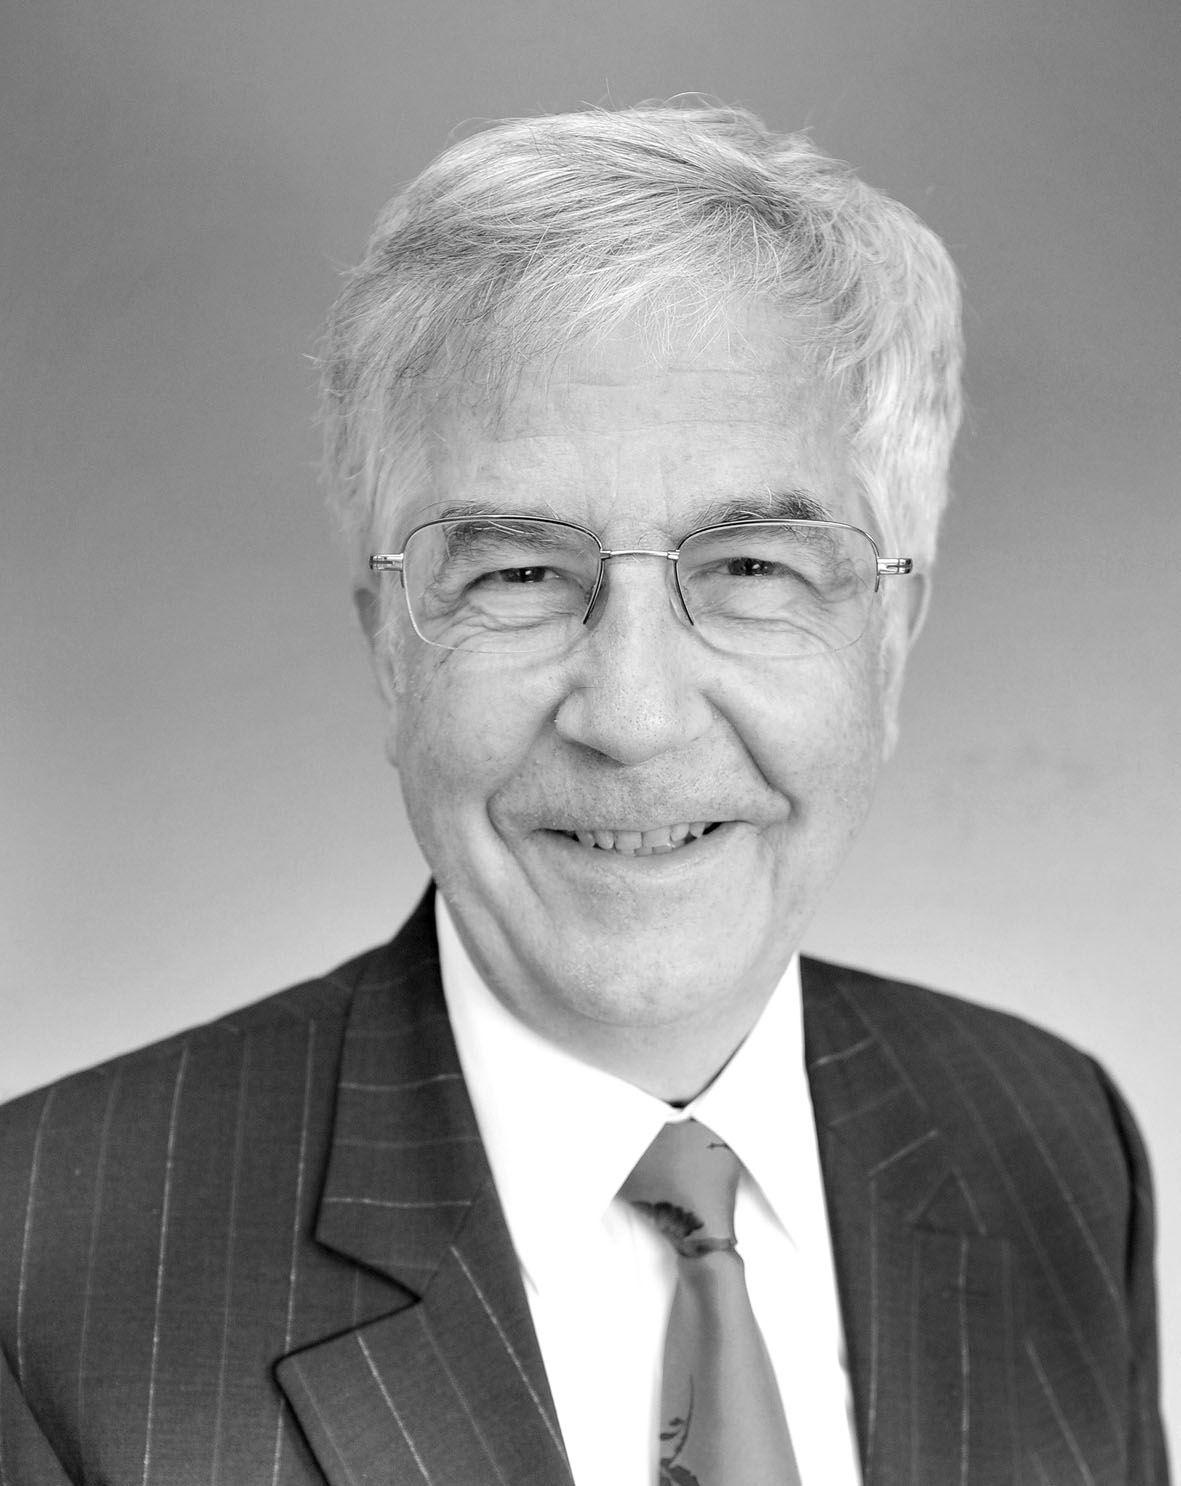 Professor em. Andreas Bucher